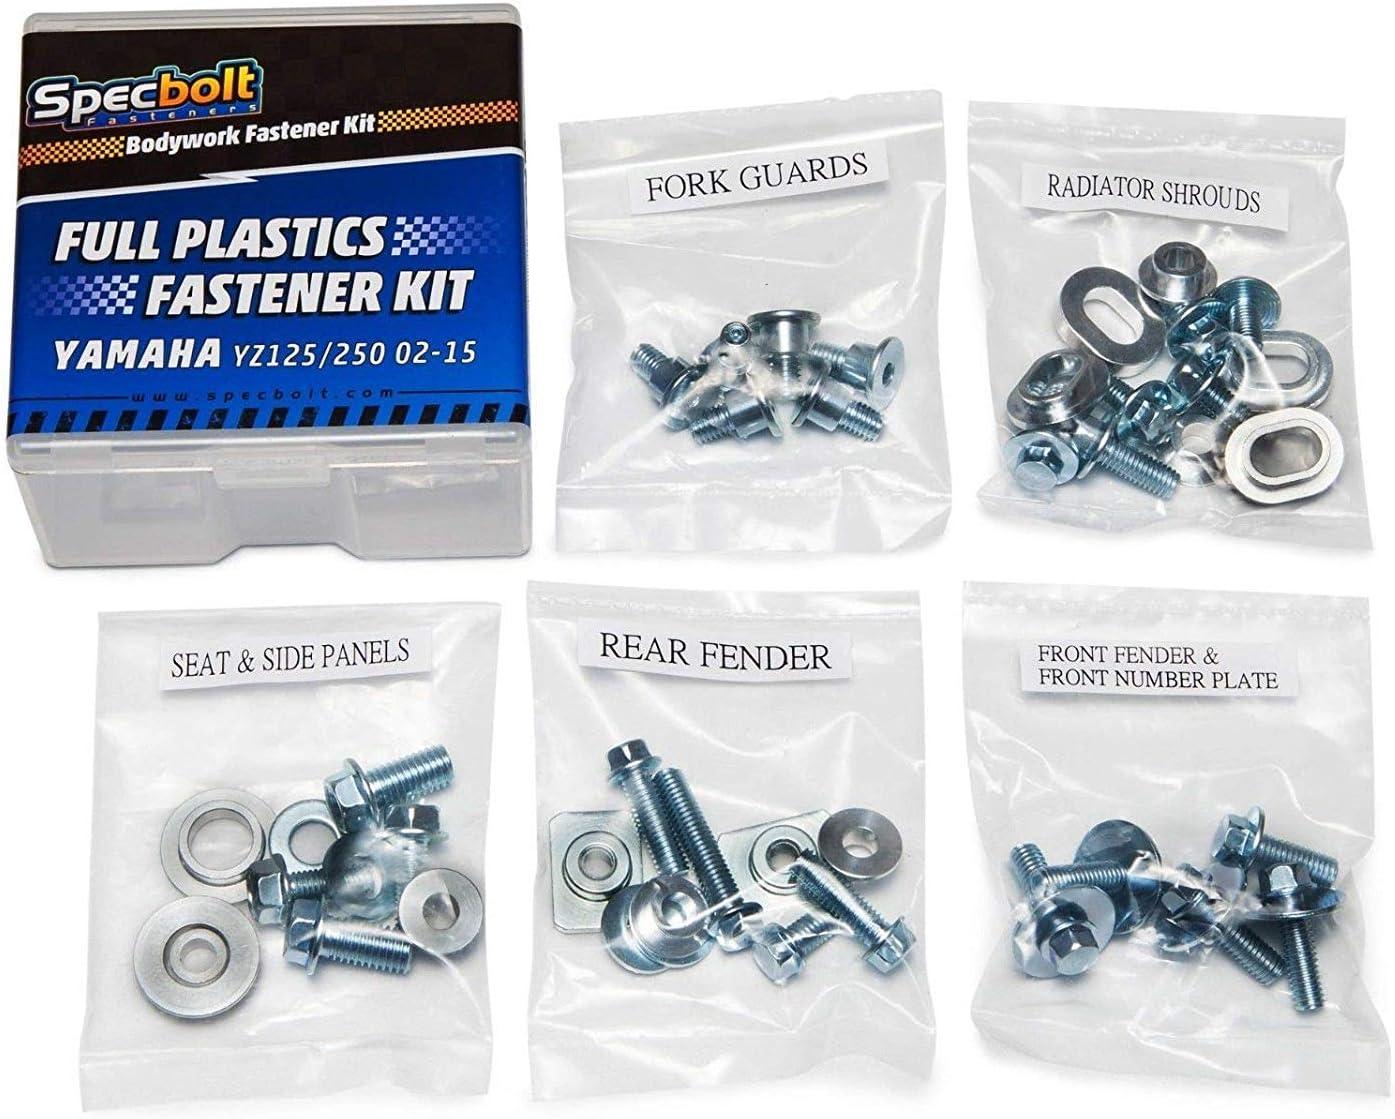 YZ125 YZ250 #67 2002-2014 Specbolt Fasteners Full Body /& Plastics Yamaha Bolt Kit